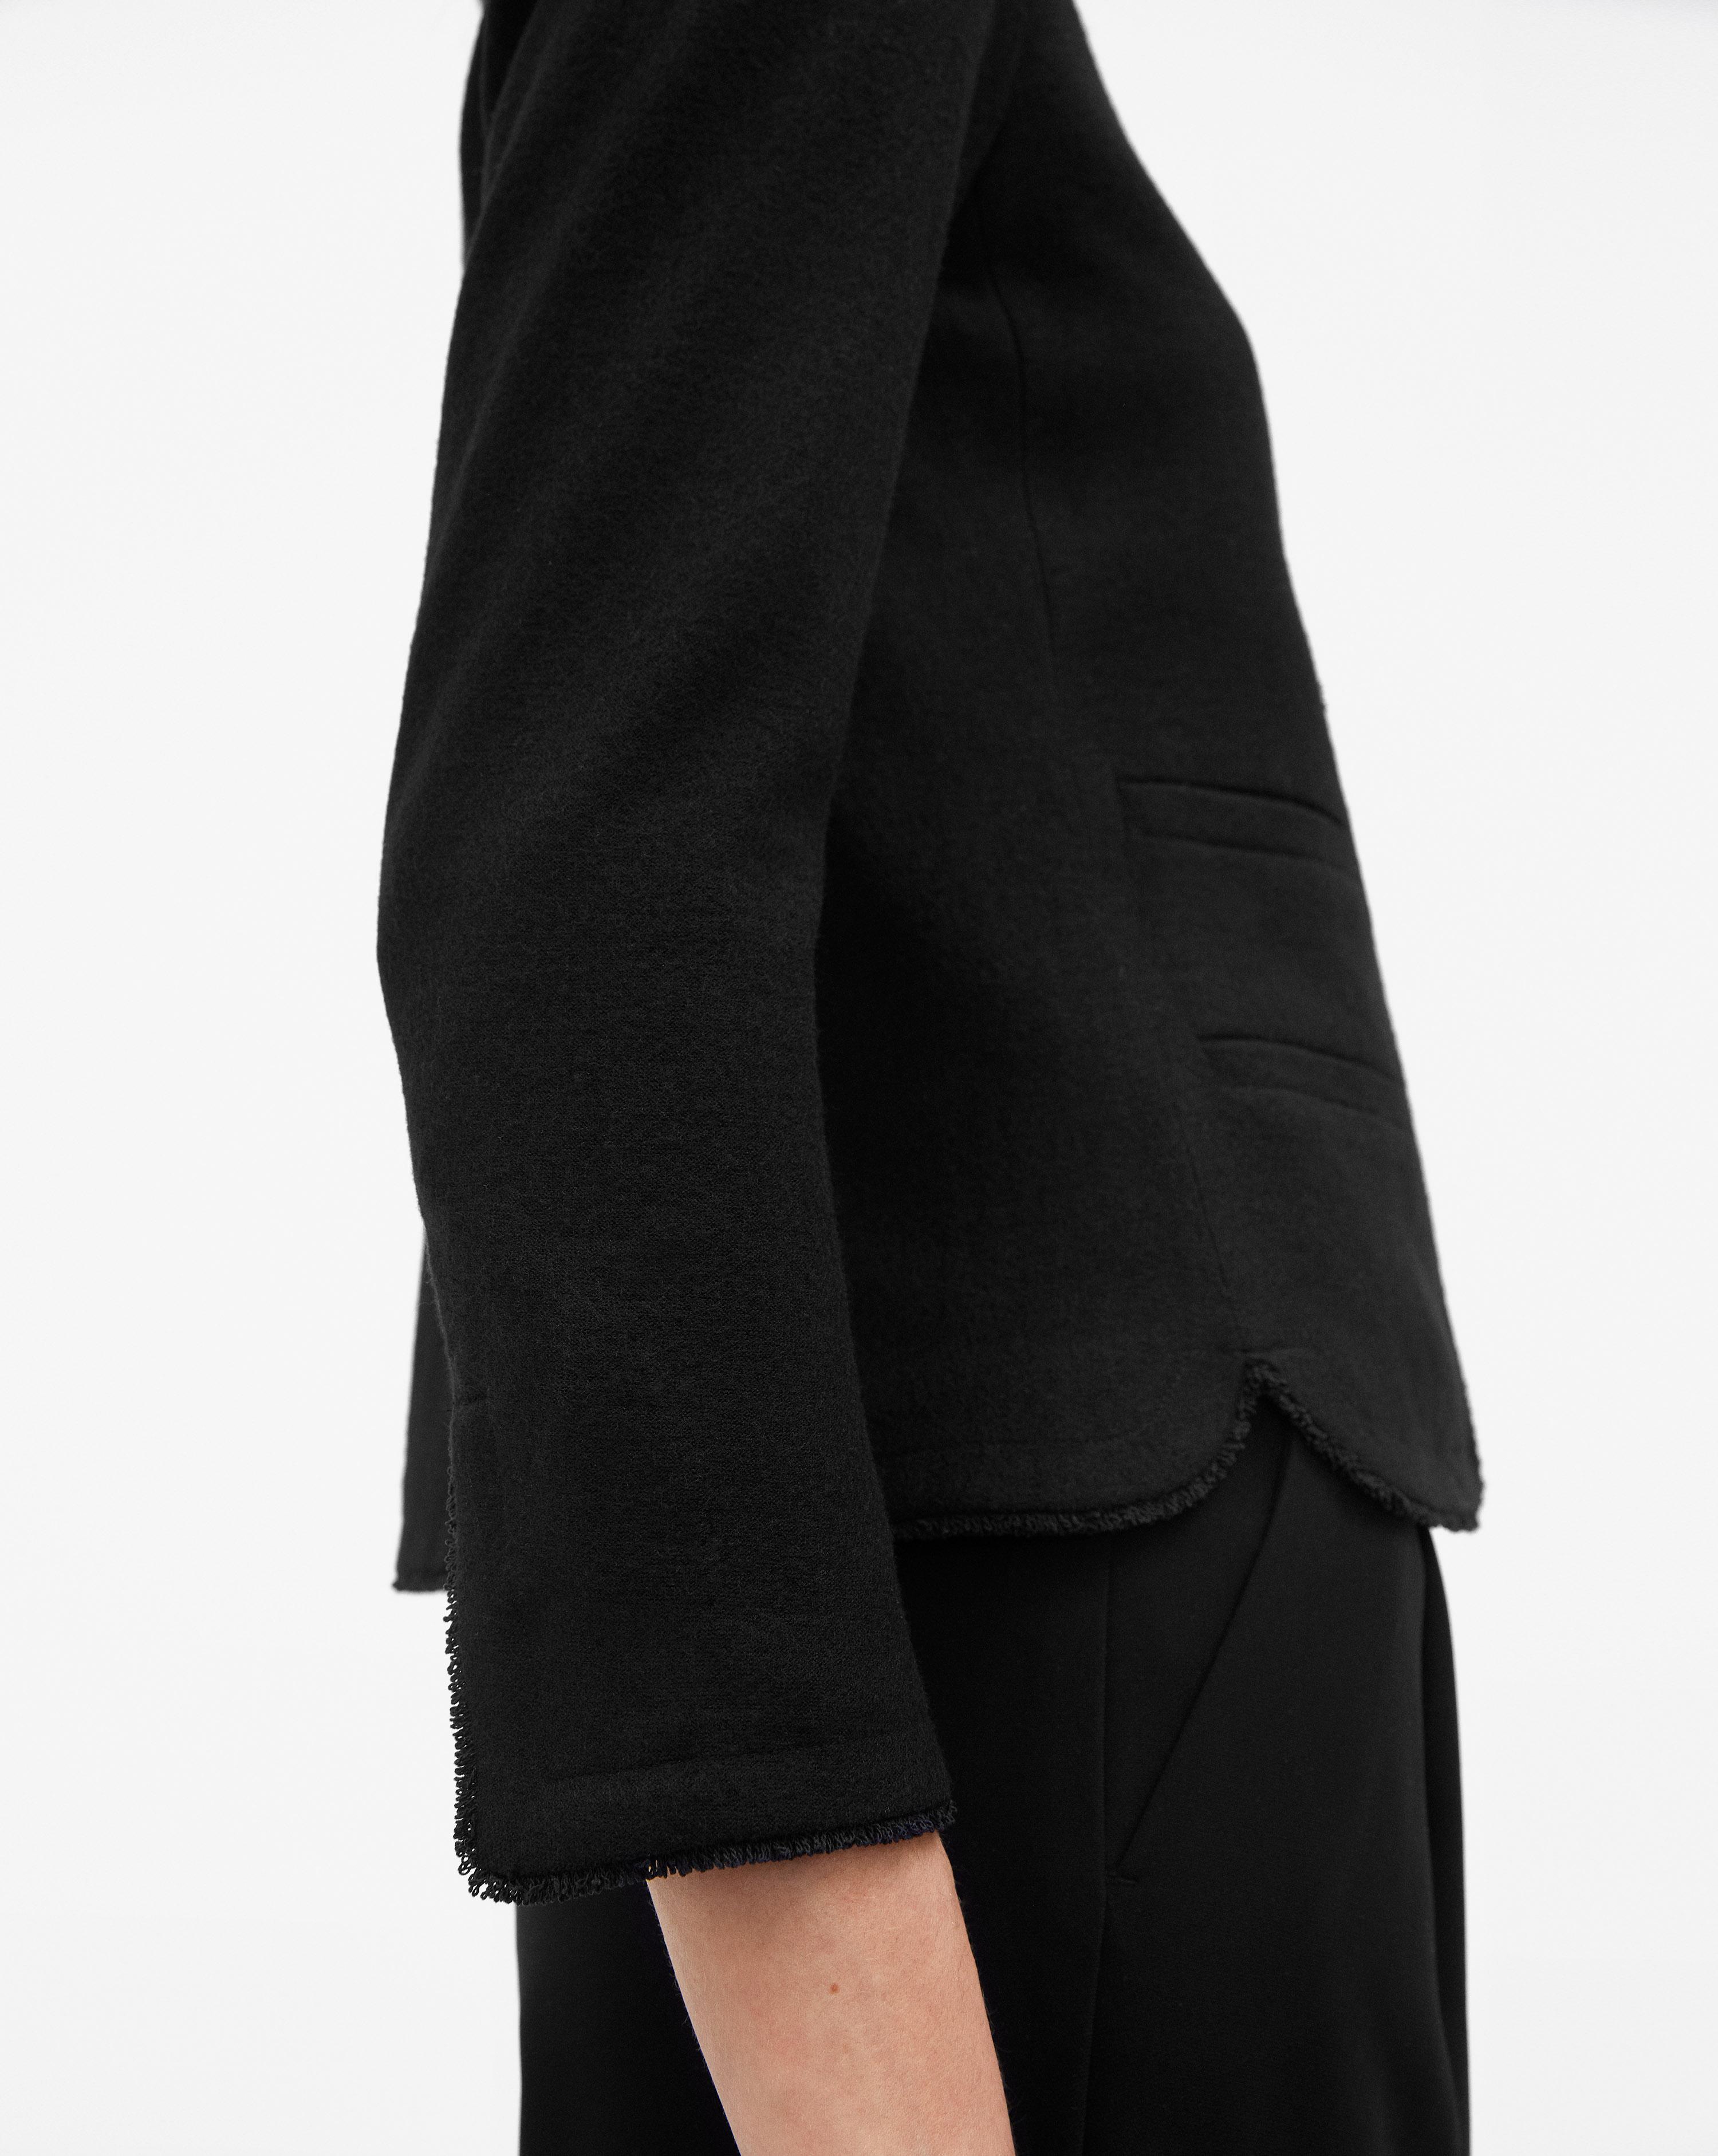 Feminine Lyst Filippa In Boiled Wool Jacket Black K gxwPZ